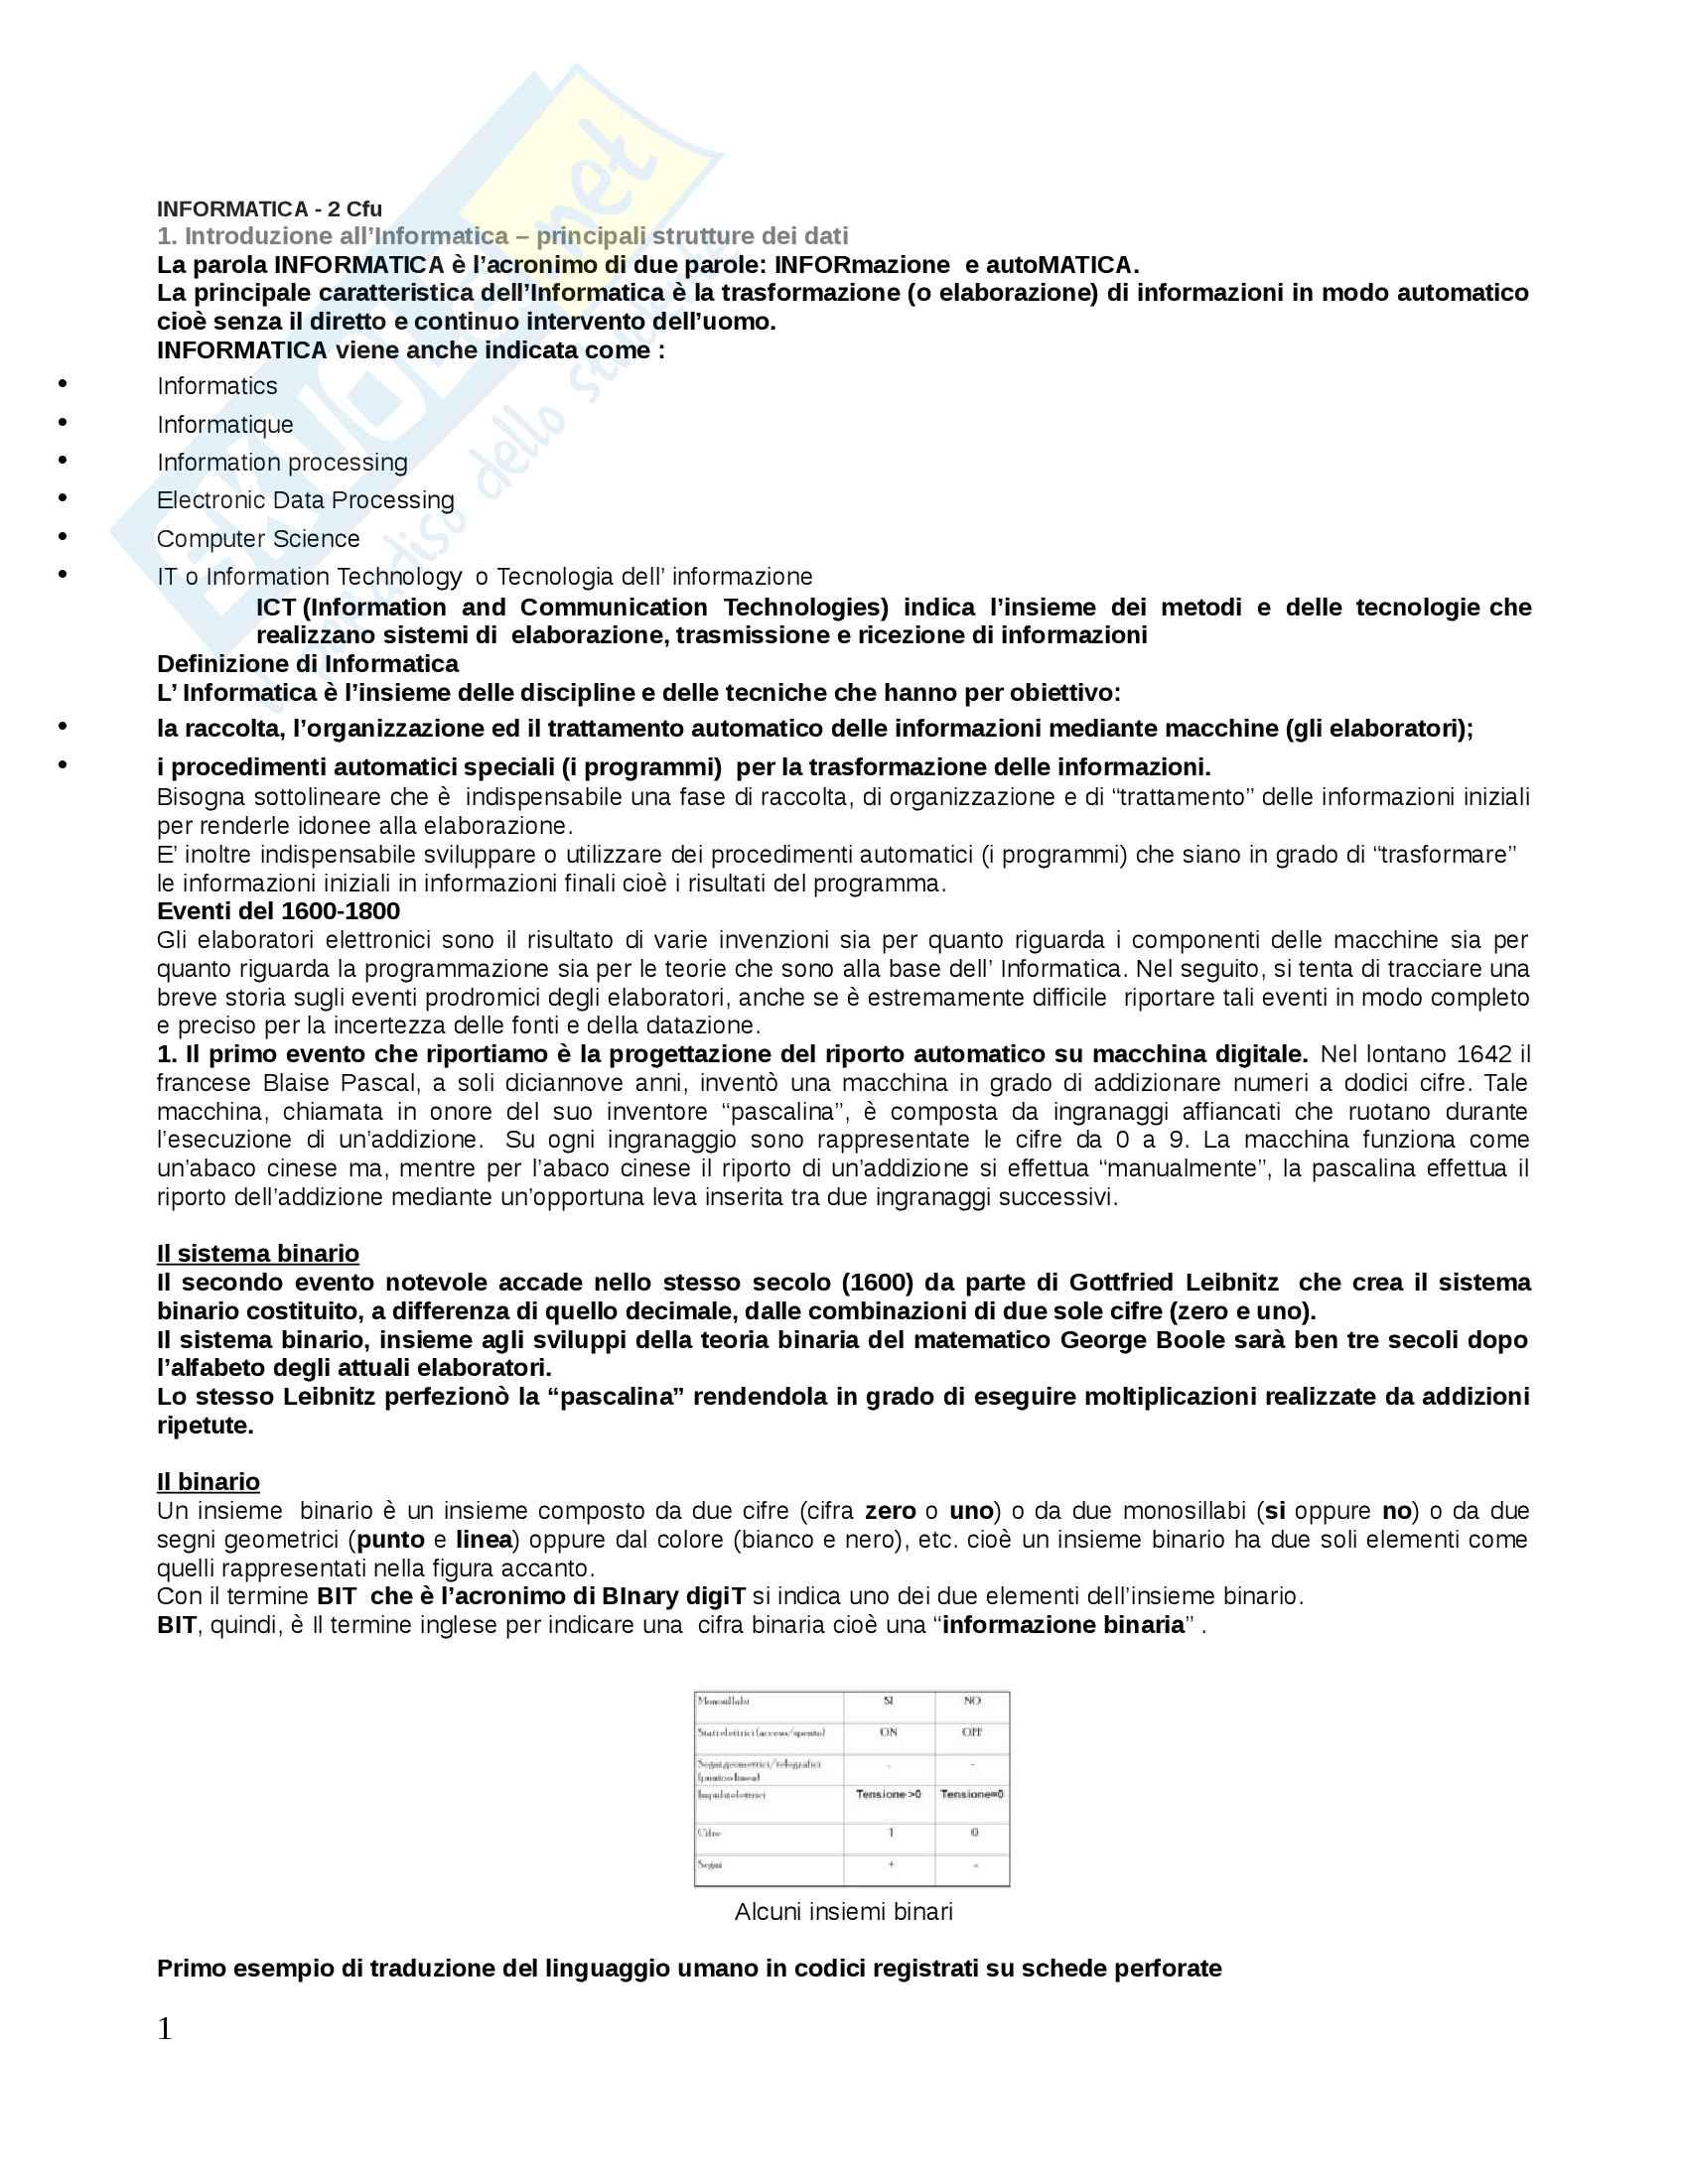 Appunti necessari per esame di informatica